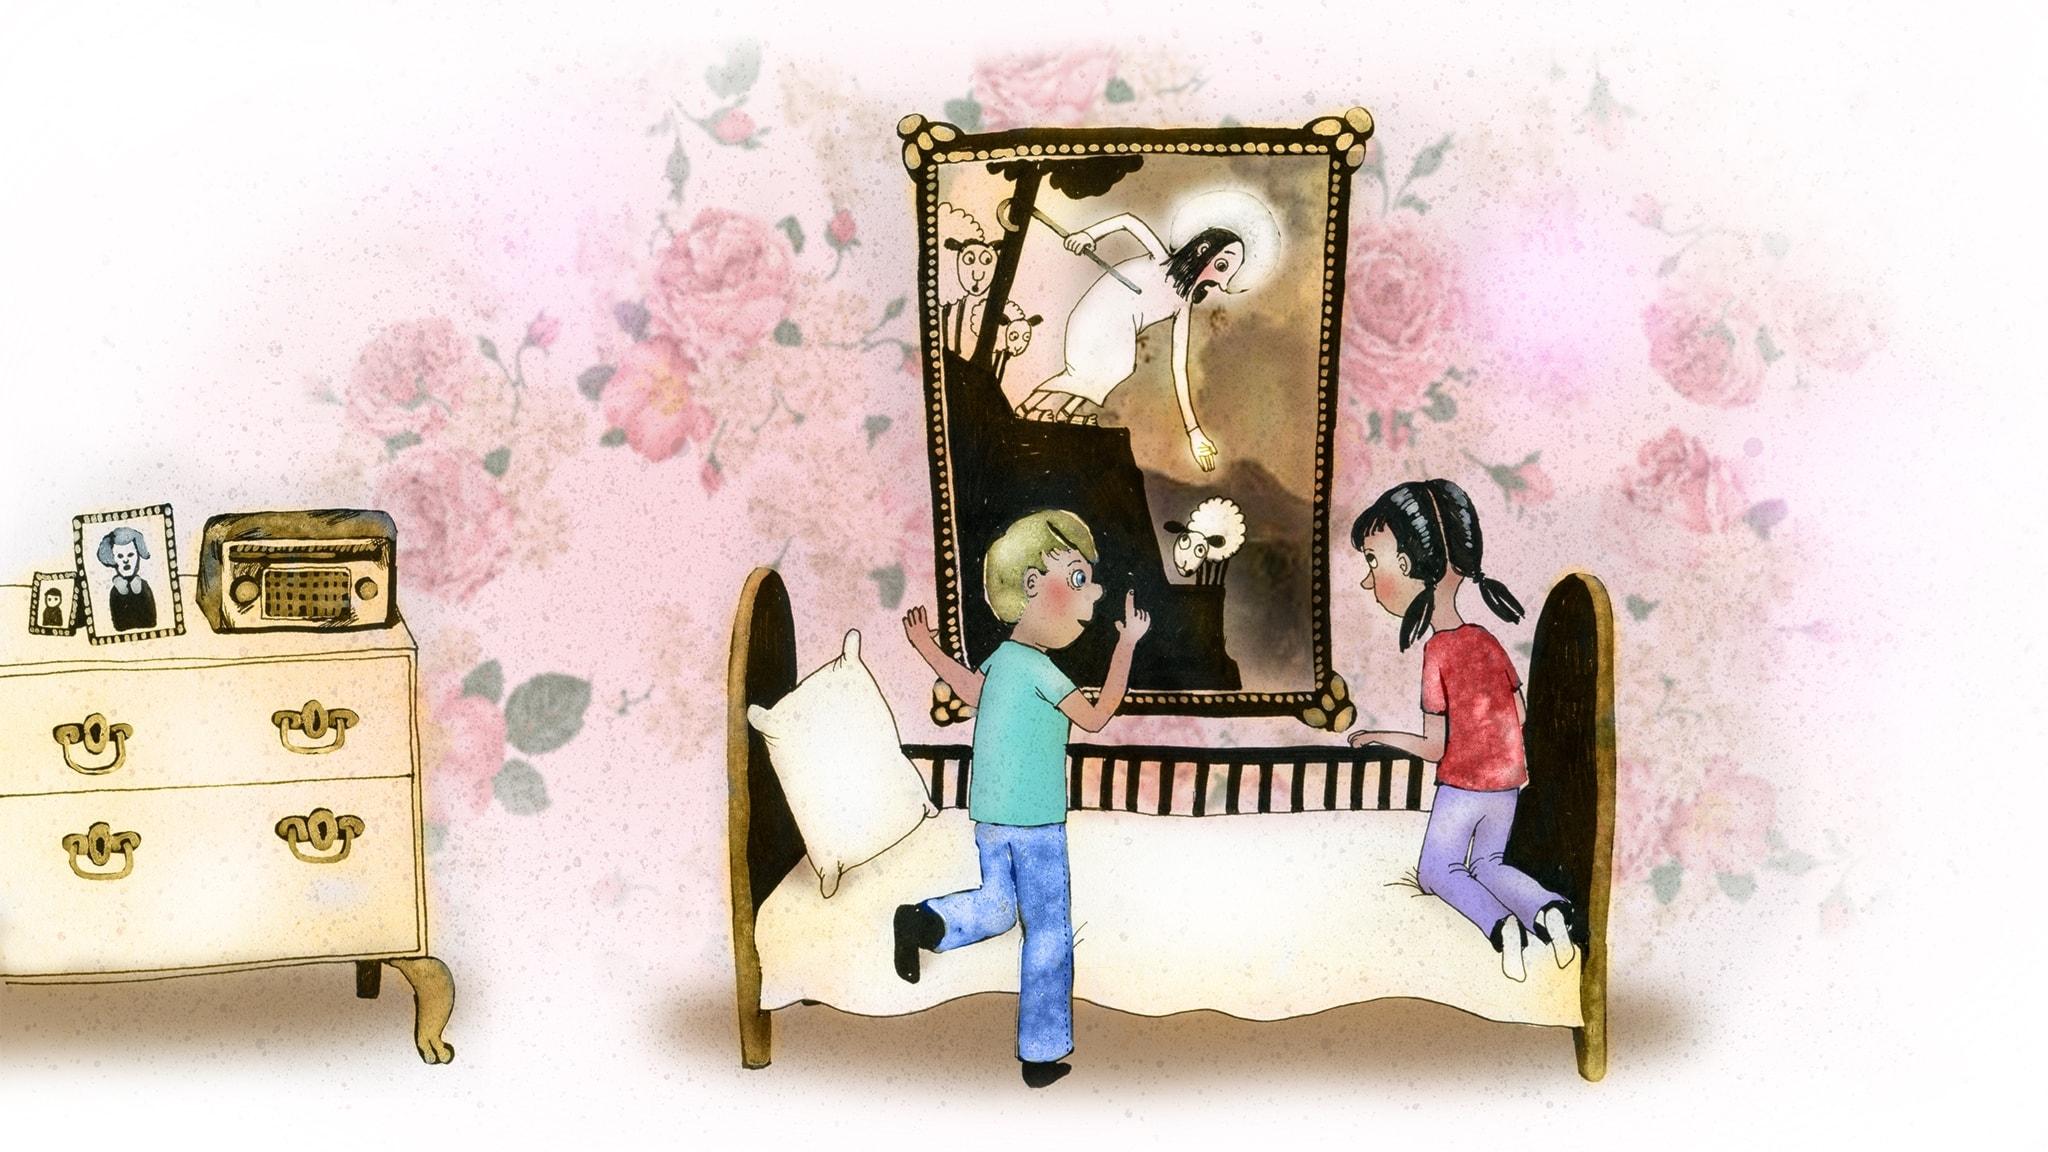 Del 11: Tavlan över sängen